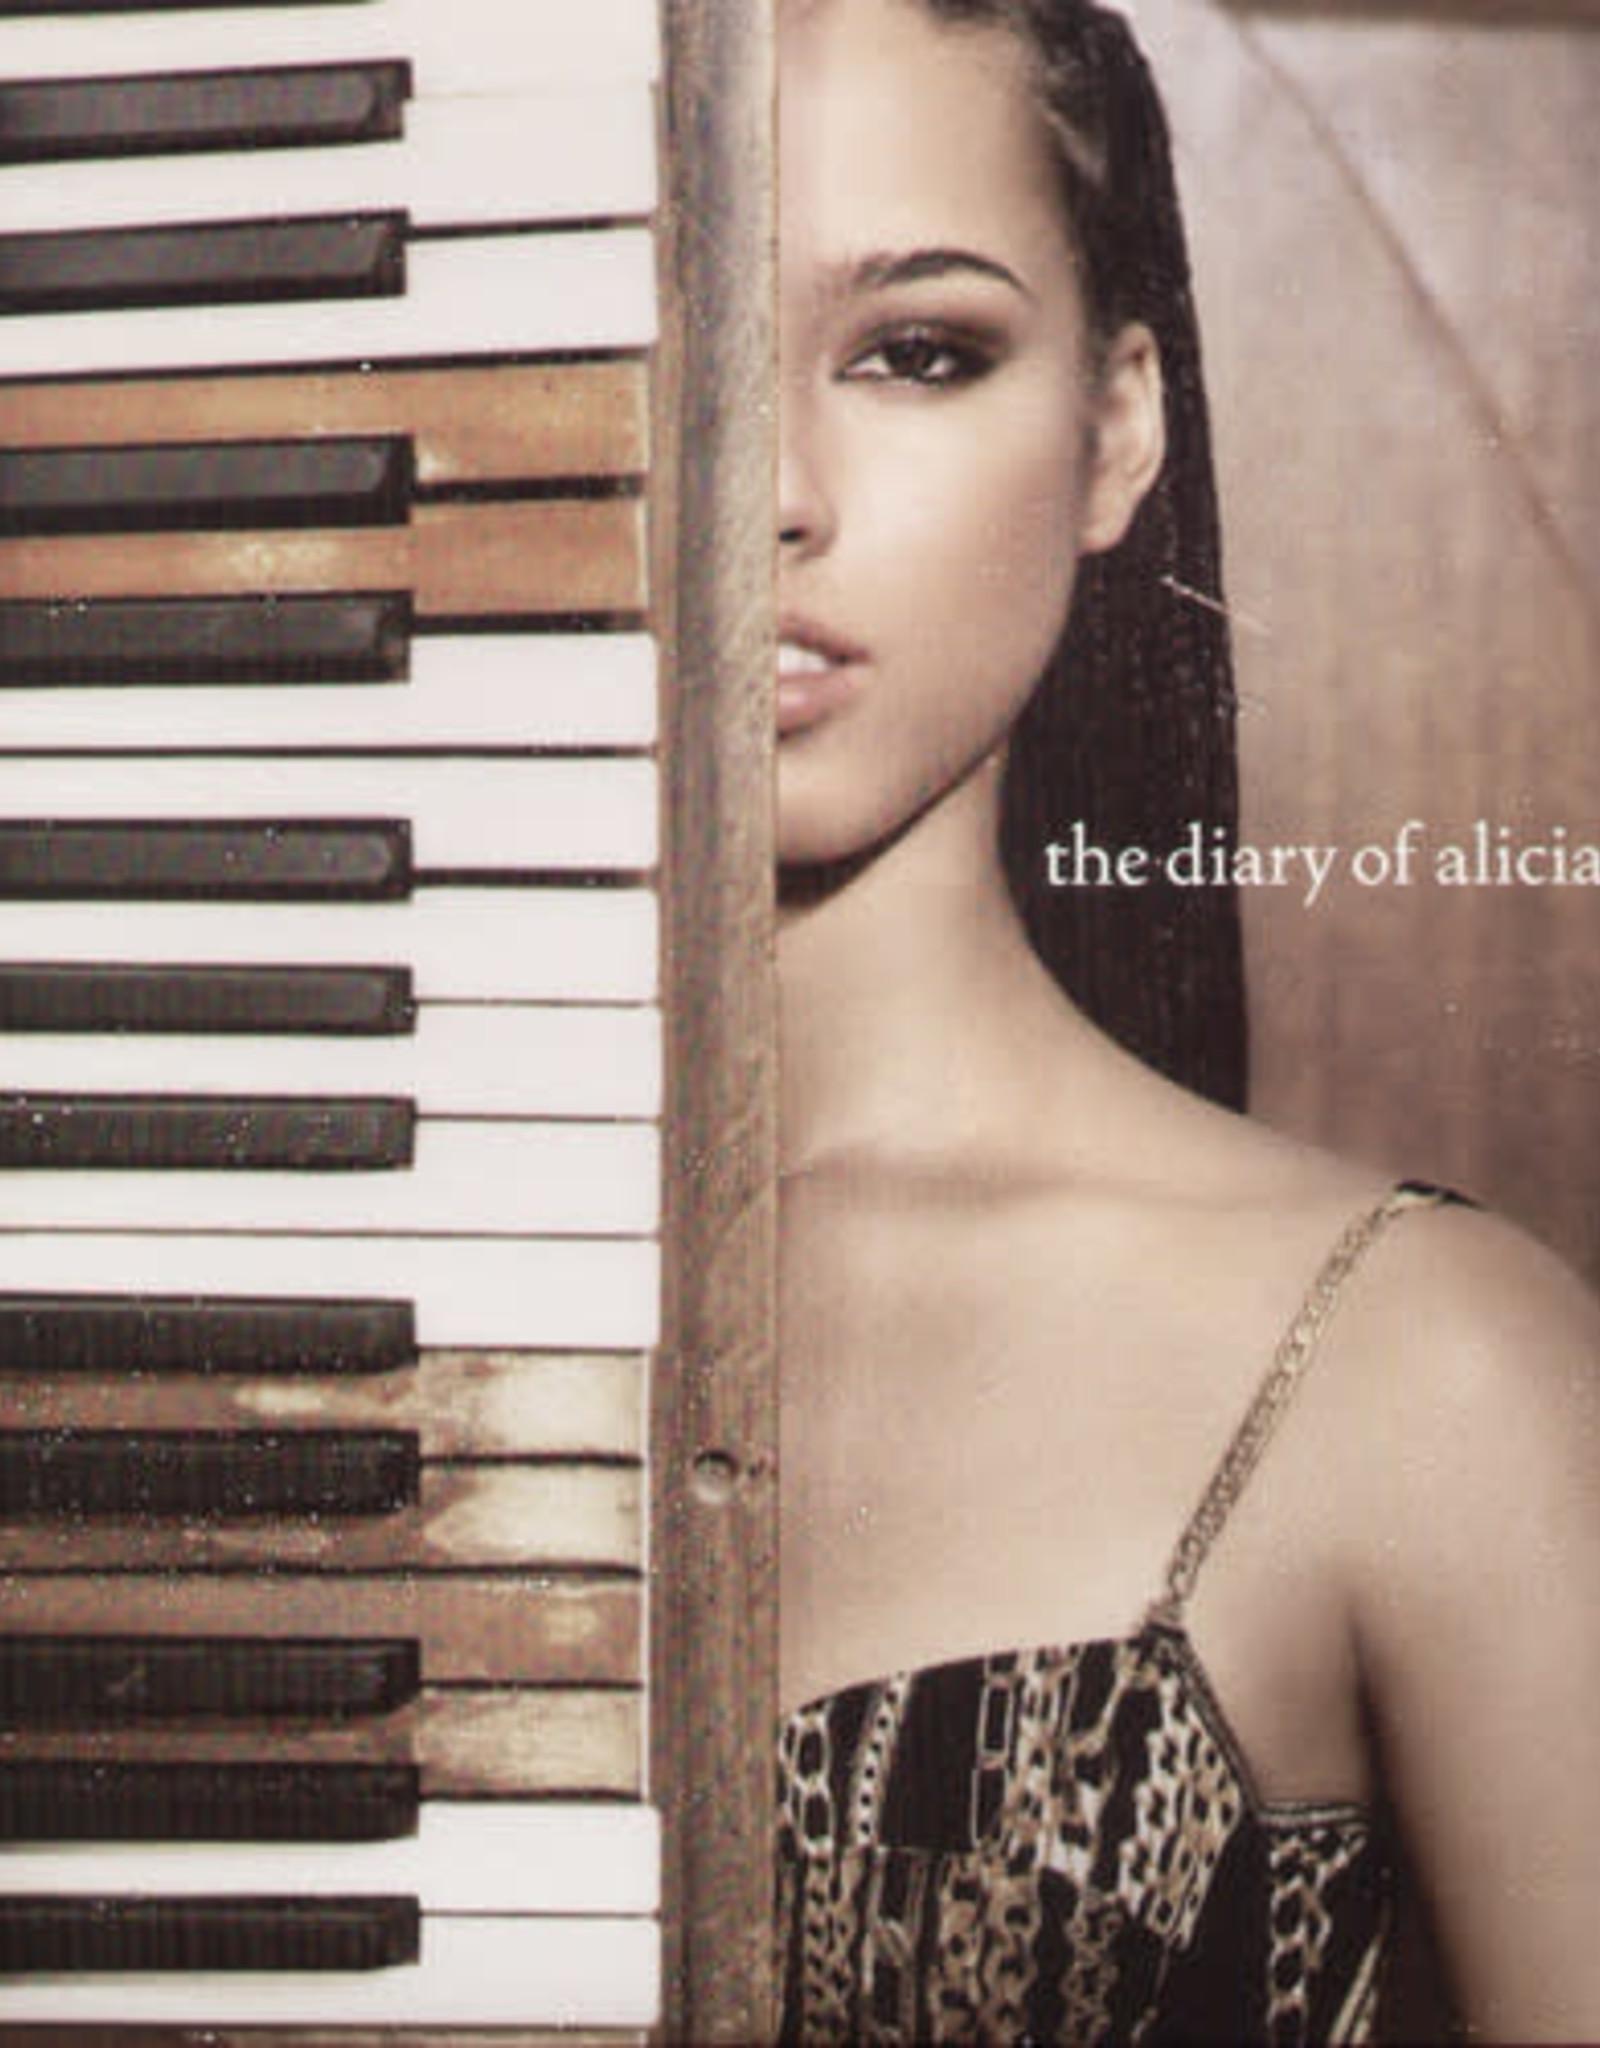 Alicia Keys - Diary Of Alicia Keys